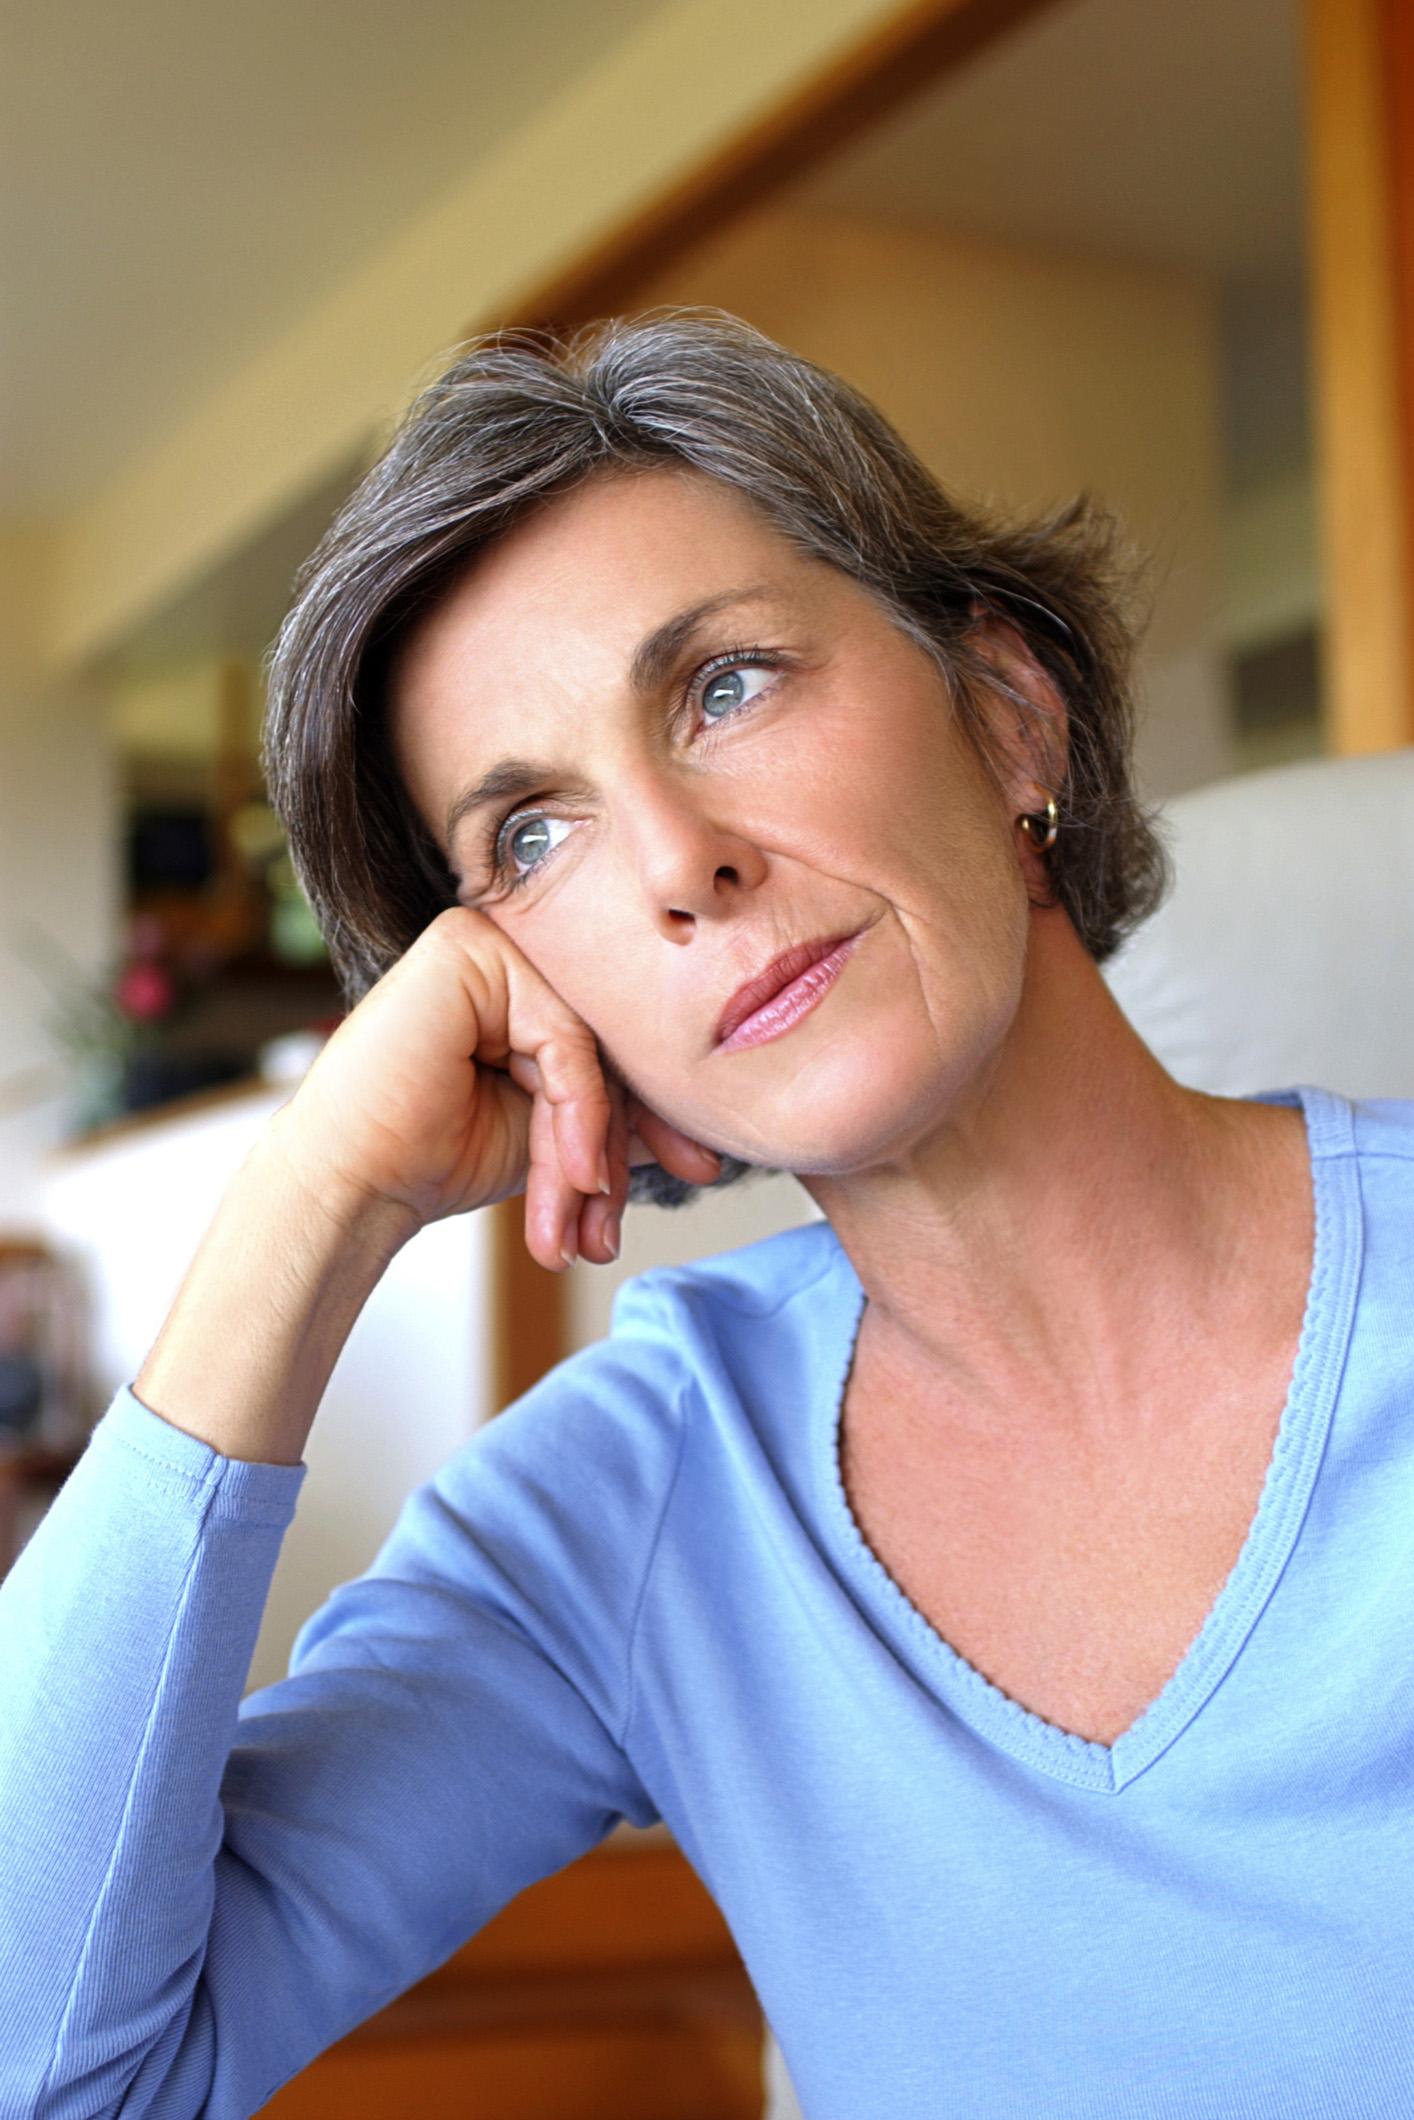 Die sogenannte saisonal abhängige Depression (SAD) ist alles andere als eine eingebildete Krankheit. Inzwischen ist wissenschaftlich nachgewiesen, dass ein Mangel an Botenstoffen im Gehirn eine bedeutende Rolle spielt, ausgelöst durch den veränderten Hormon- und Energiehaushalt des Körpers im Winter.